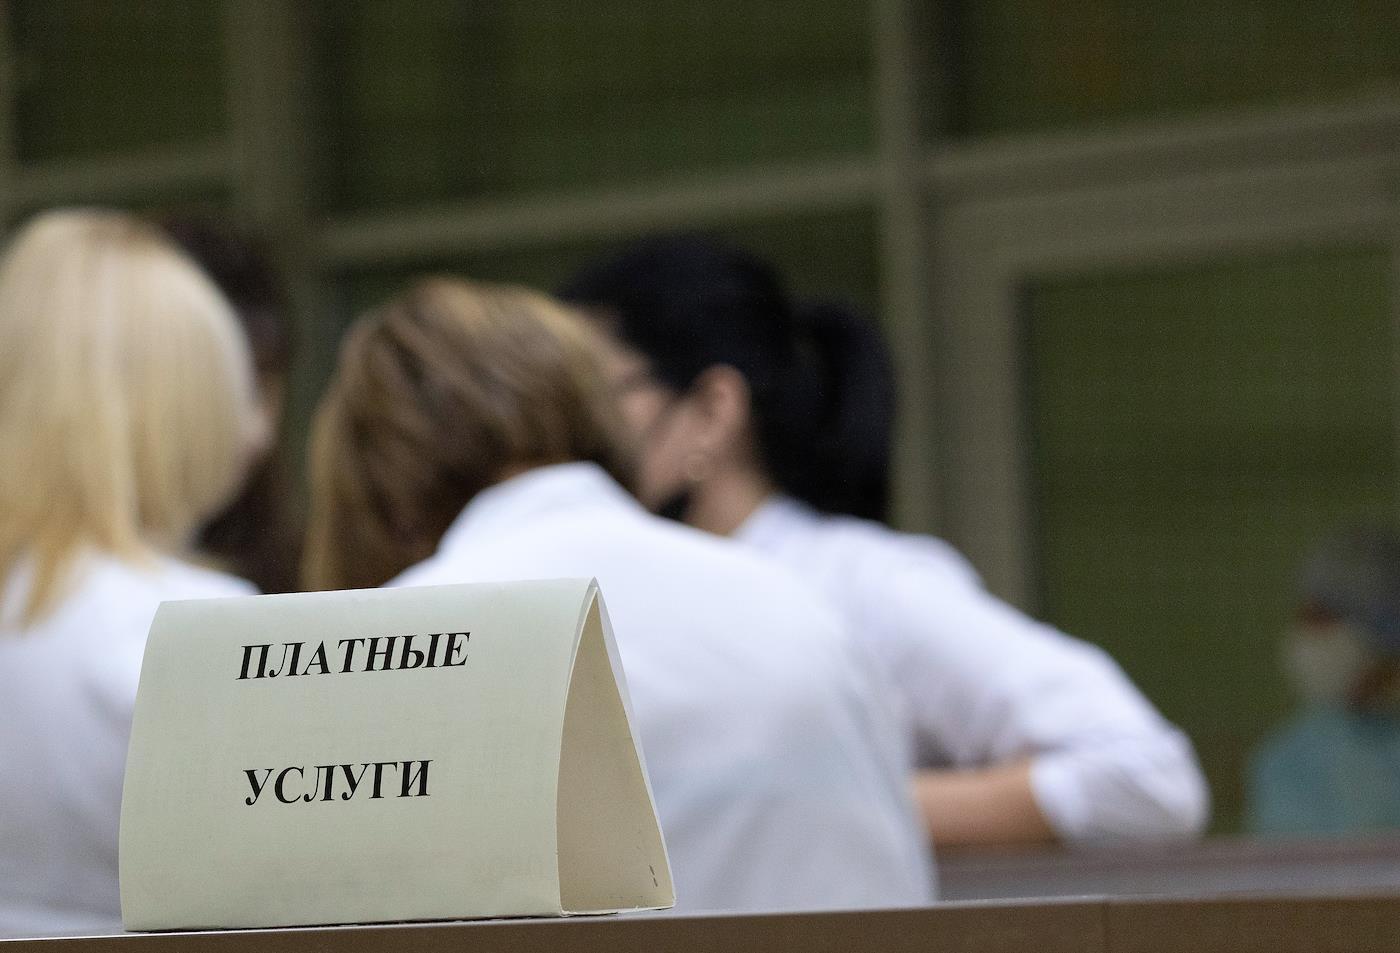 автор фото Данила Егоров/«Коммерсантъ»